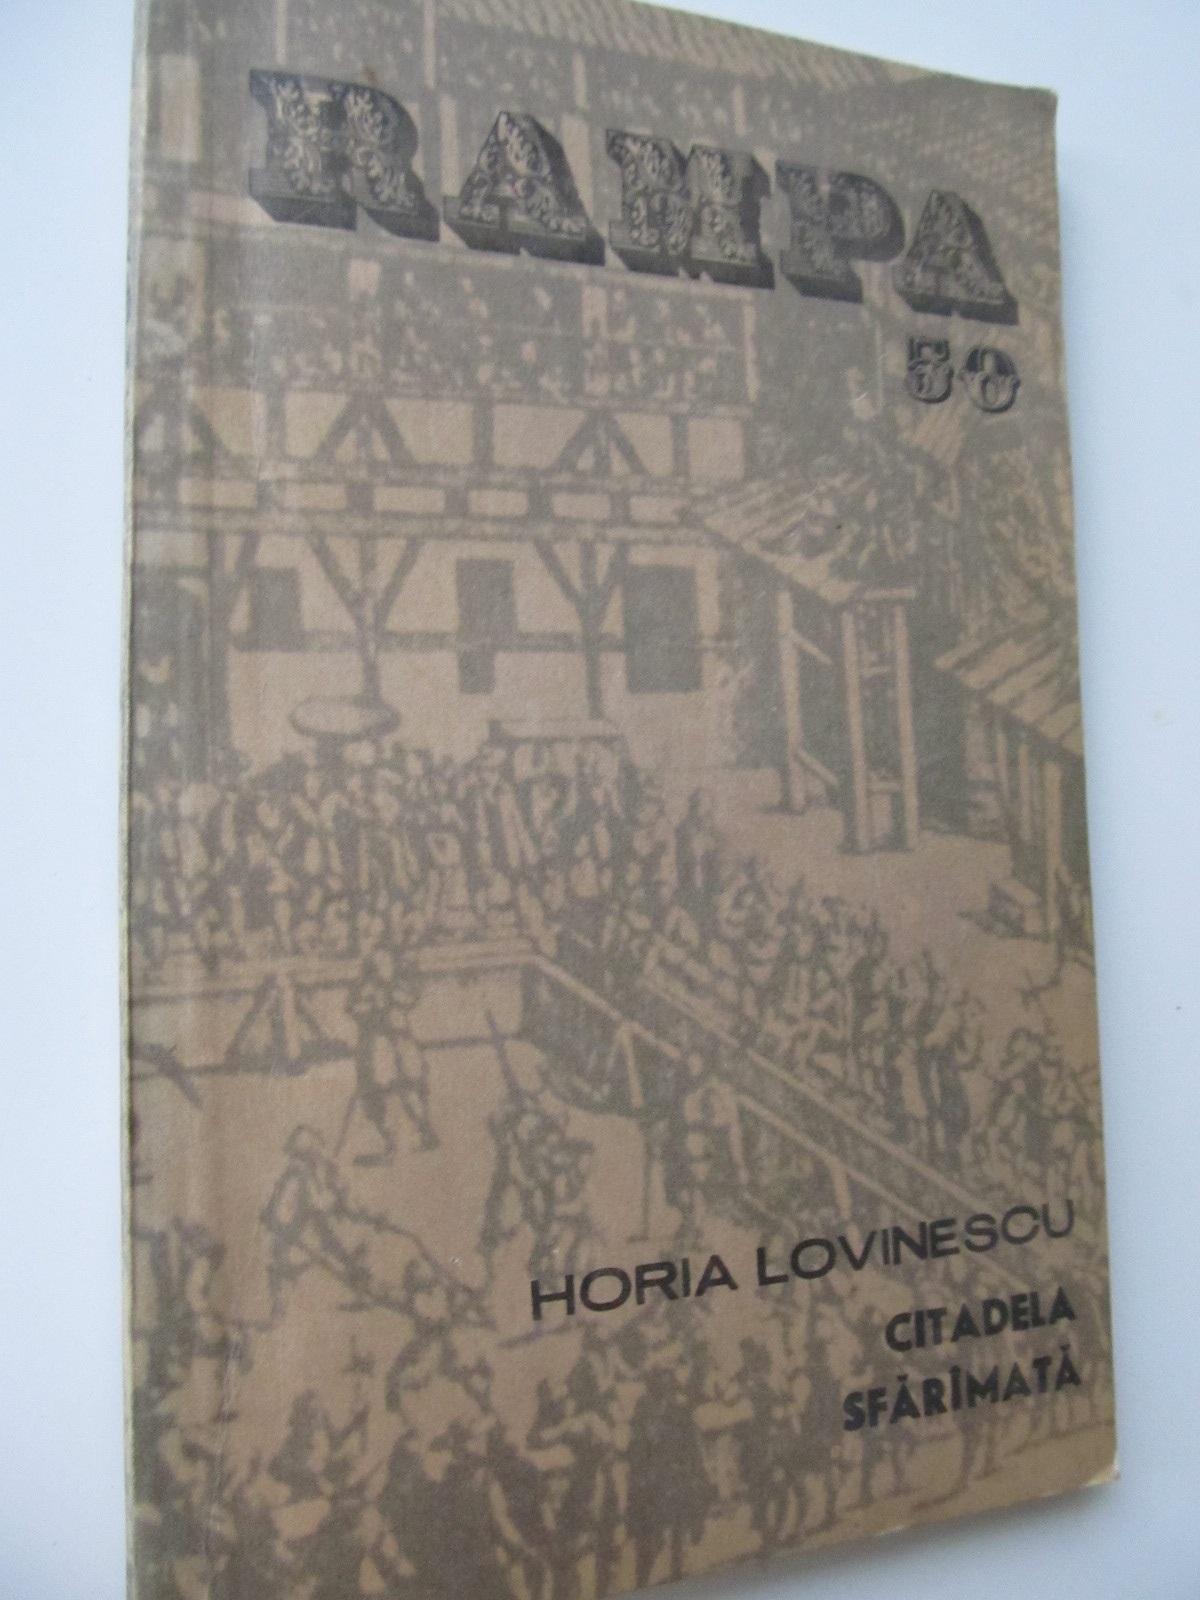 Citadela sfaramata - Horia Lovinescu | Detalii carte